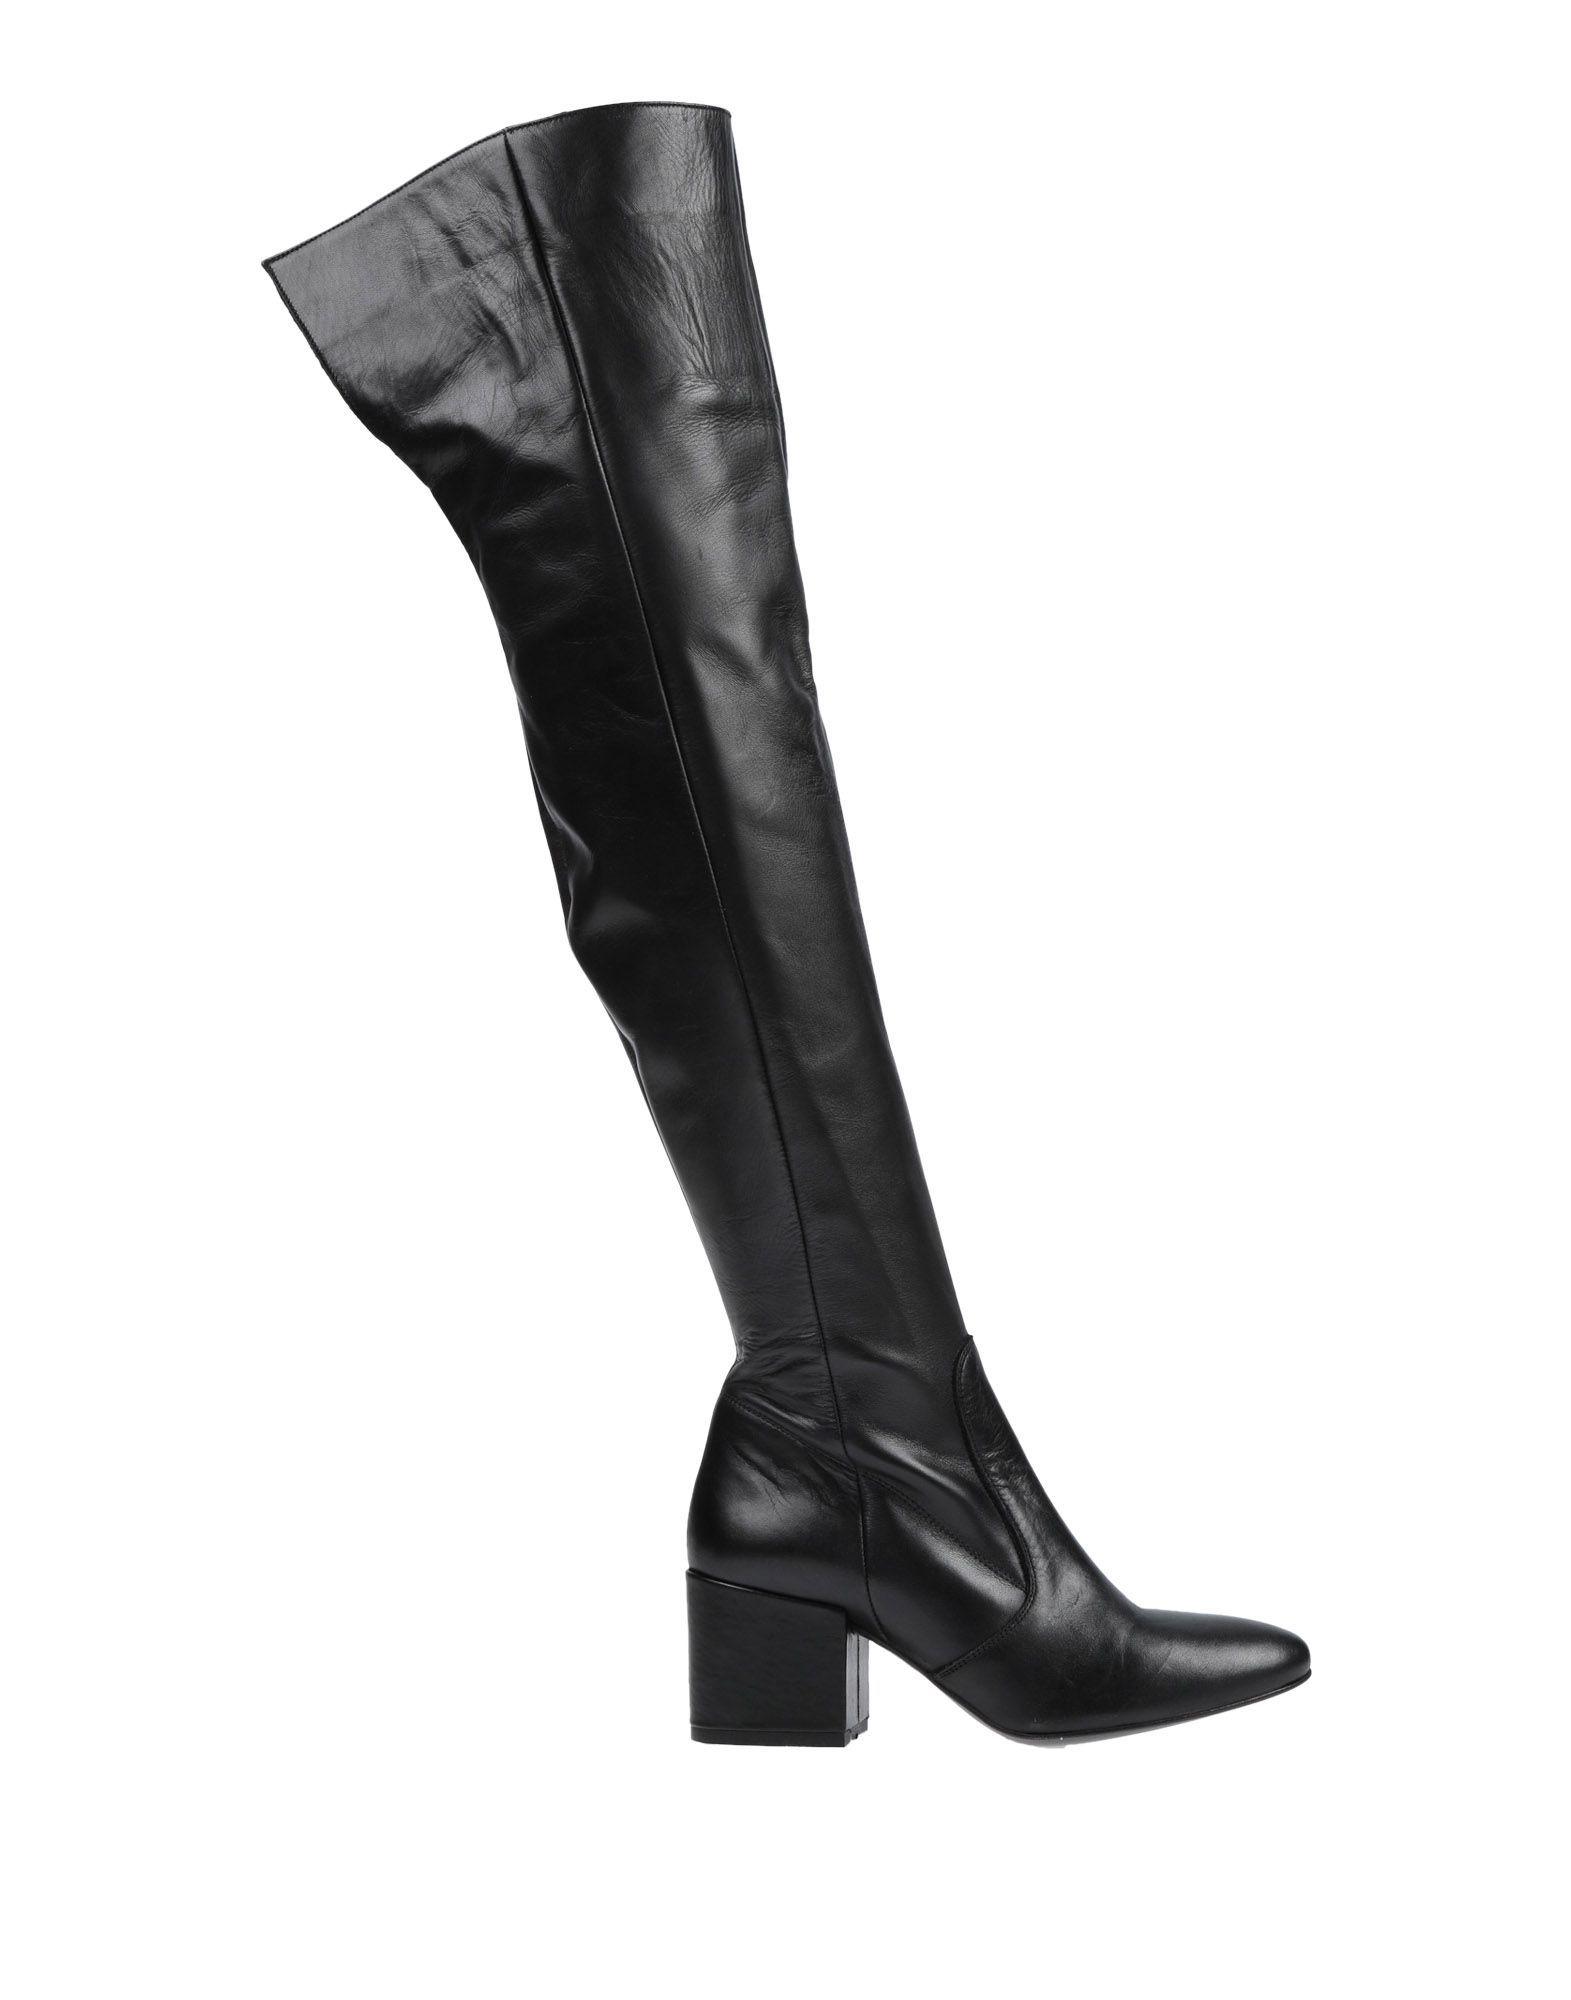 Footwear Brawn's Black Women's Leather